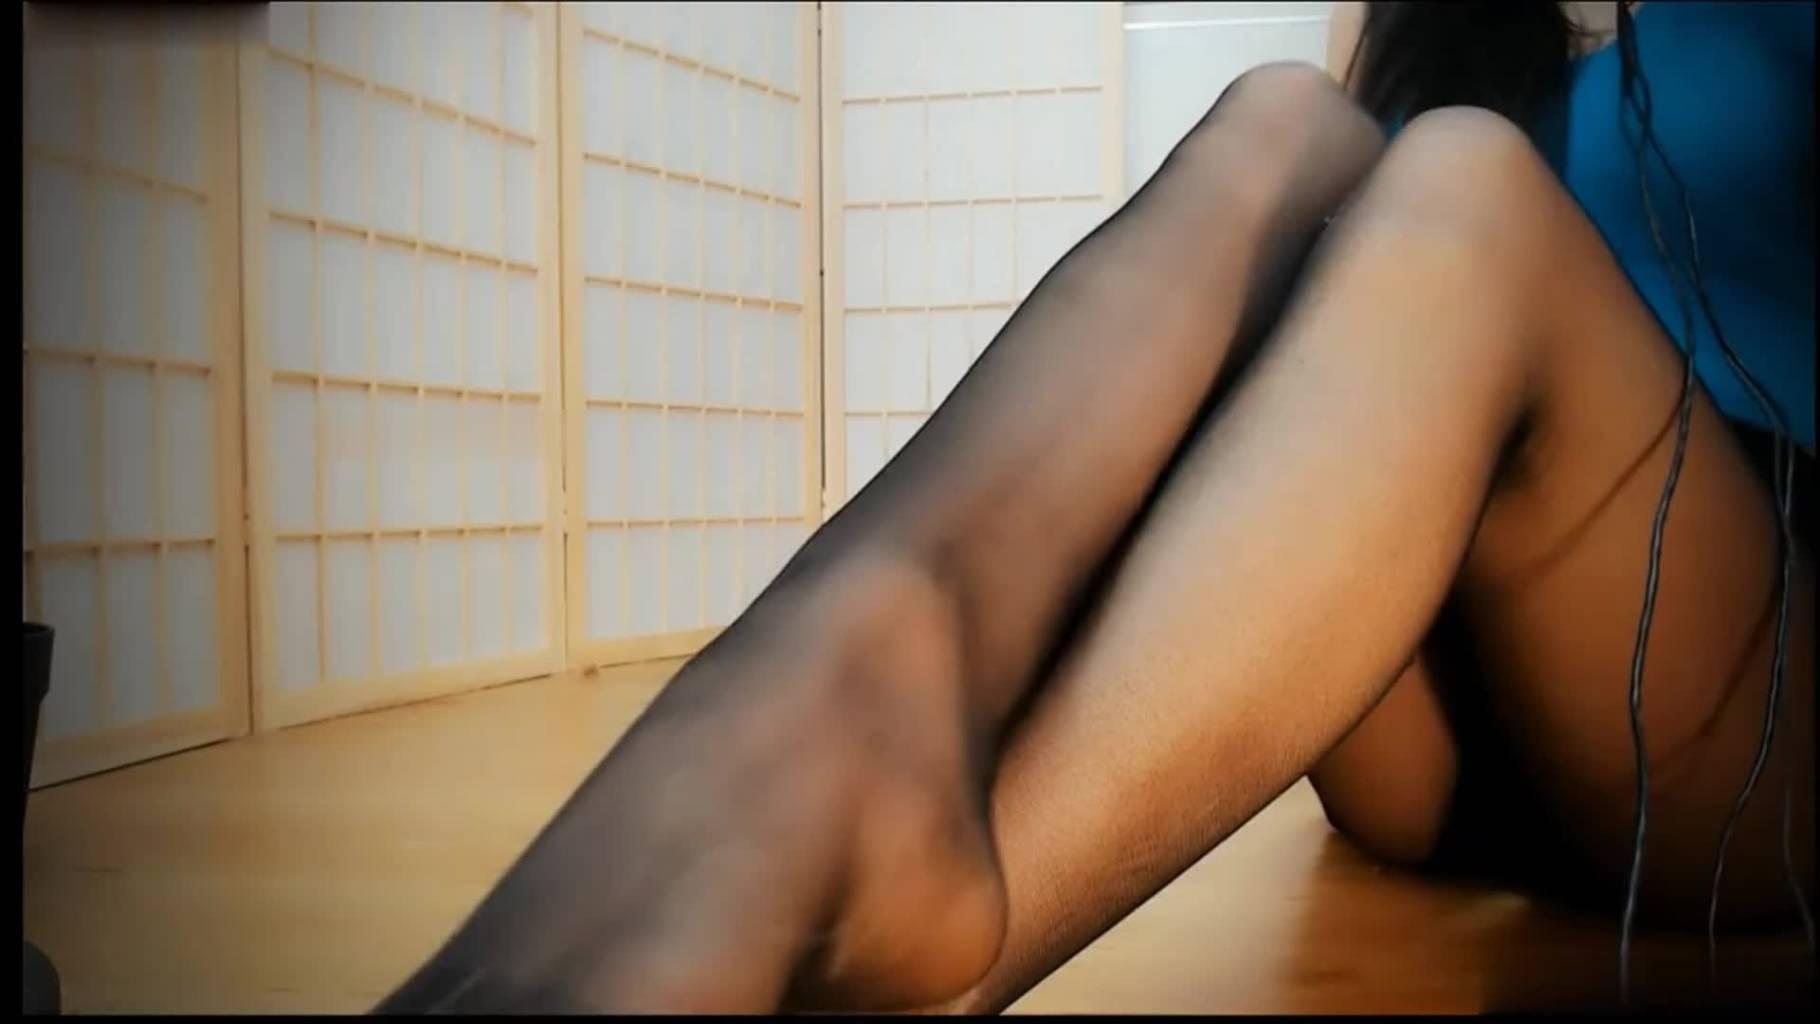 桃酱的小屋ASMR福利丝袜地板摩擦